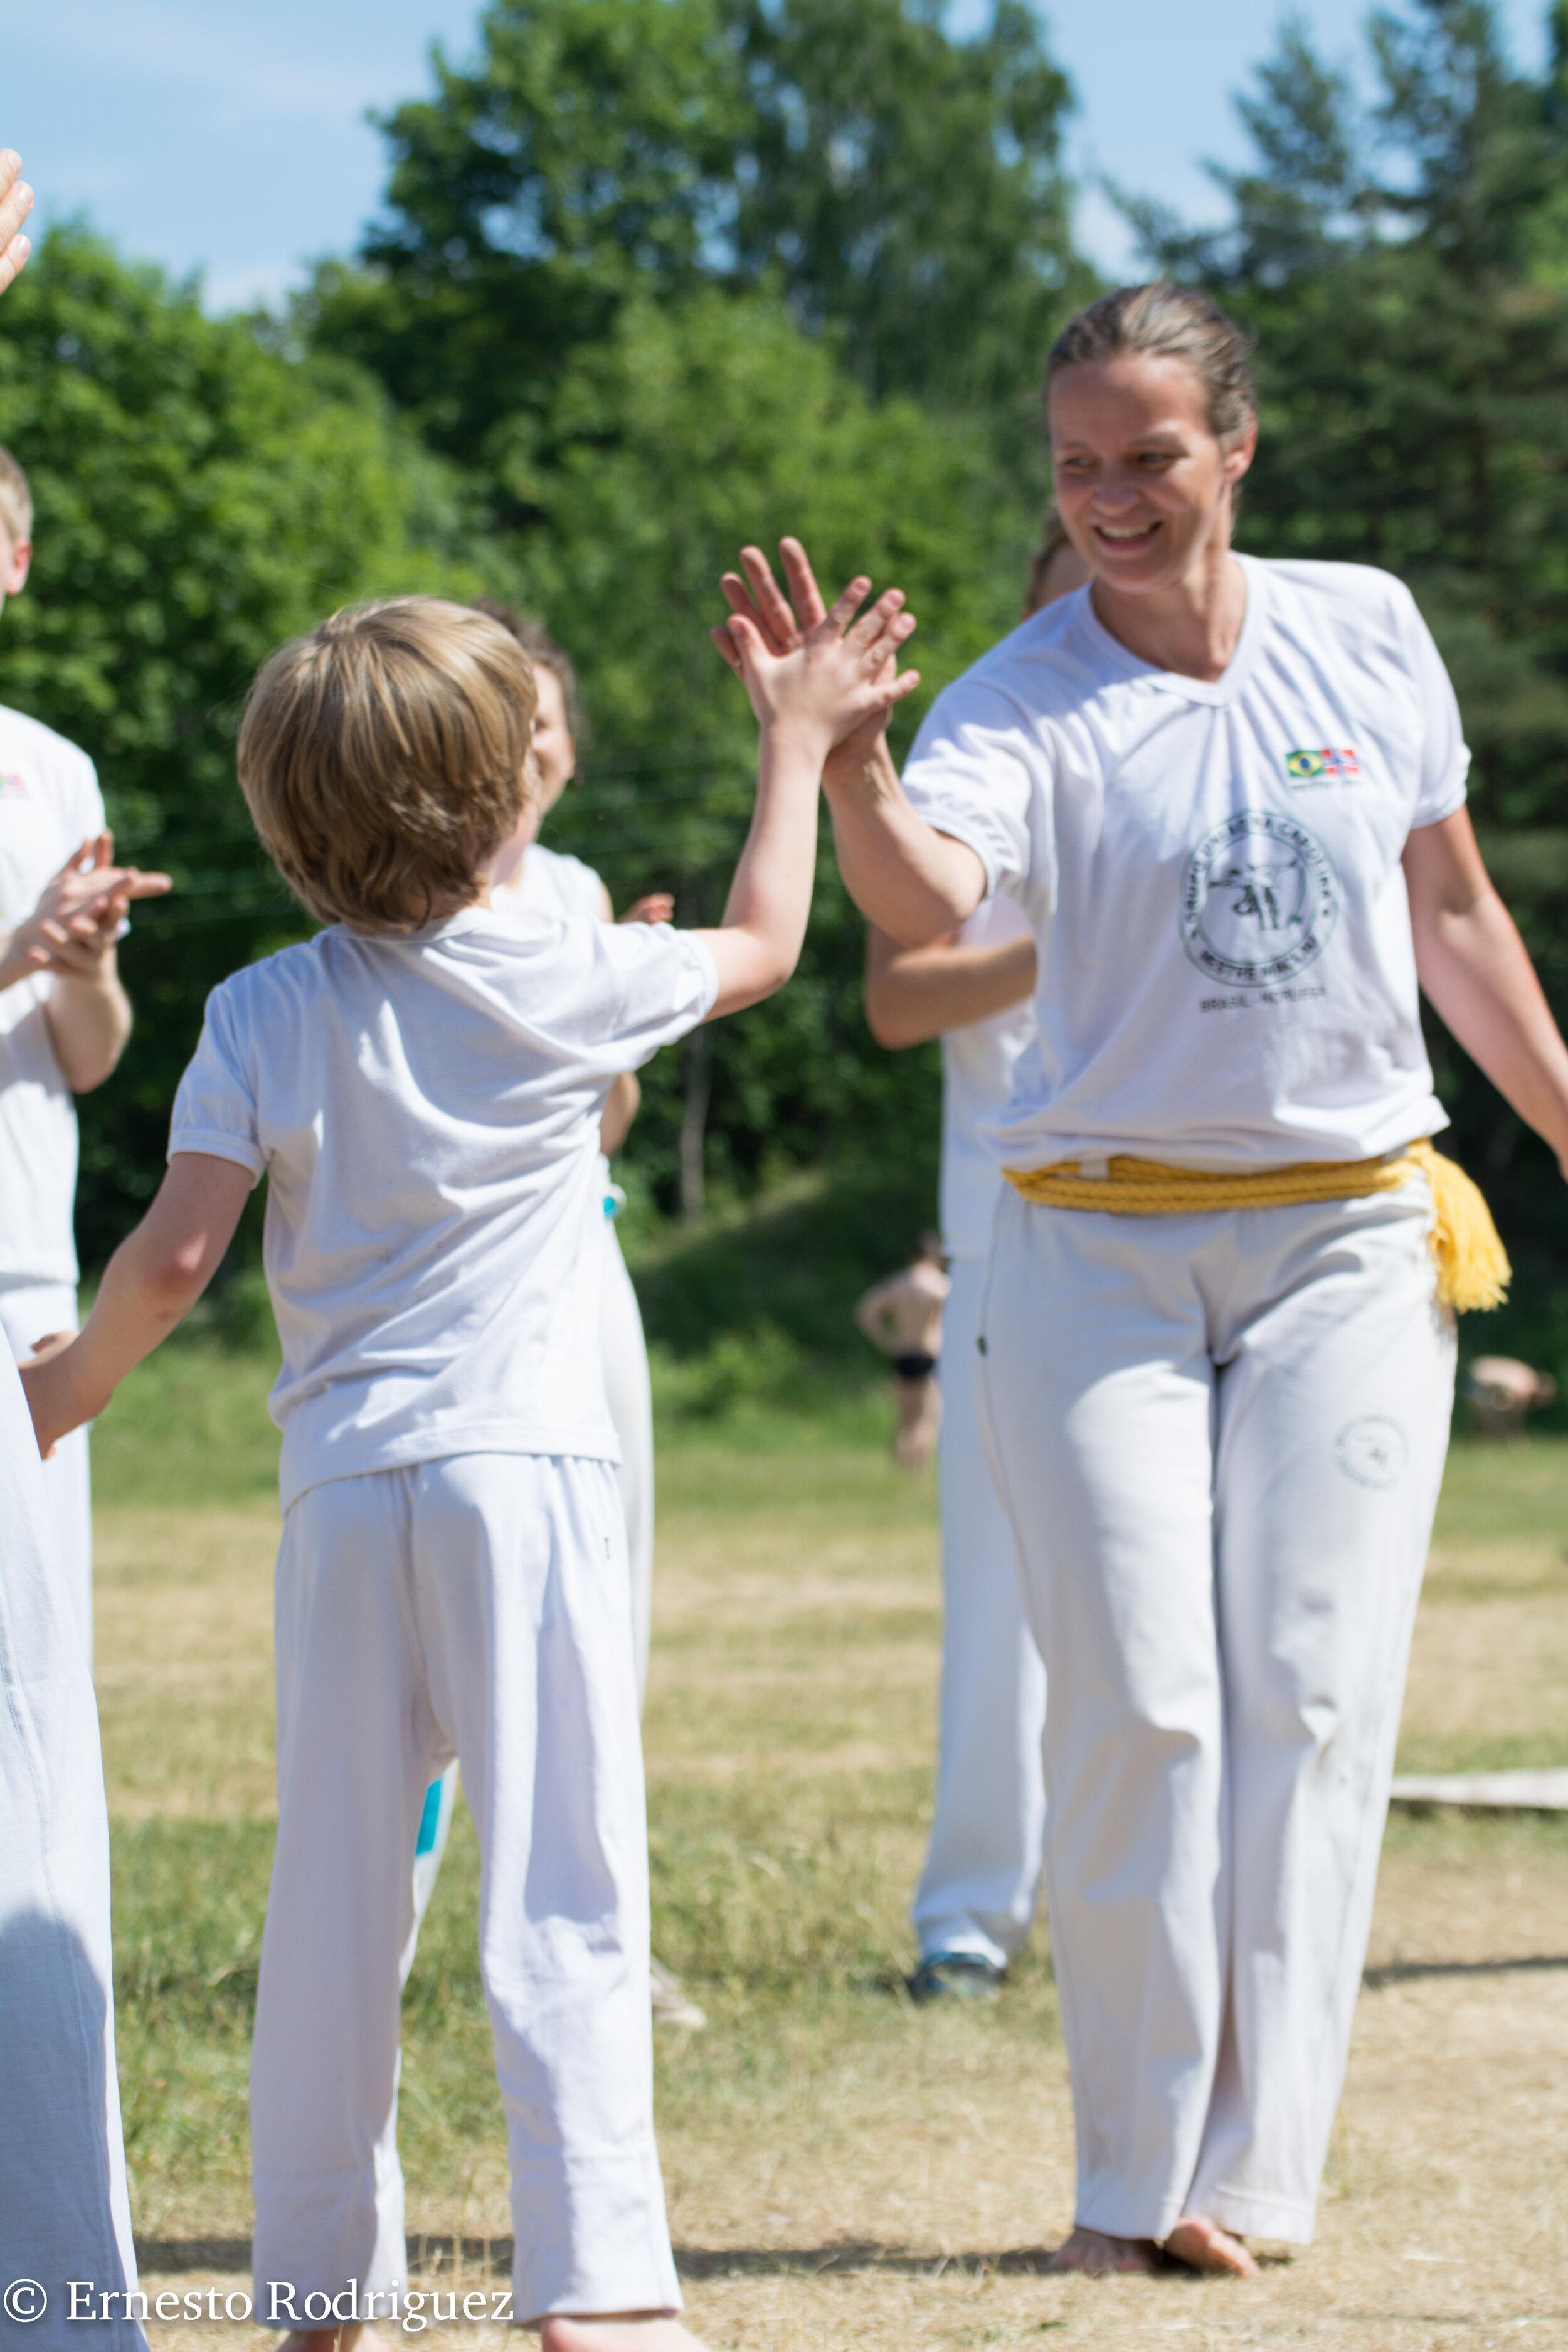 Ellen Ribeiro er capoeirista og har lang erfaring i å vise andre kva capoeira har å by på.